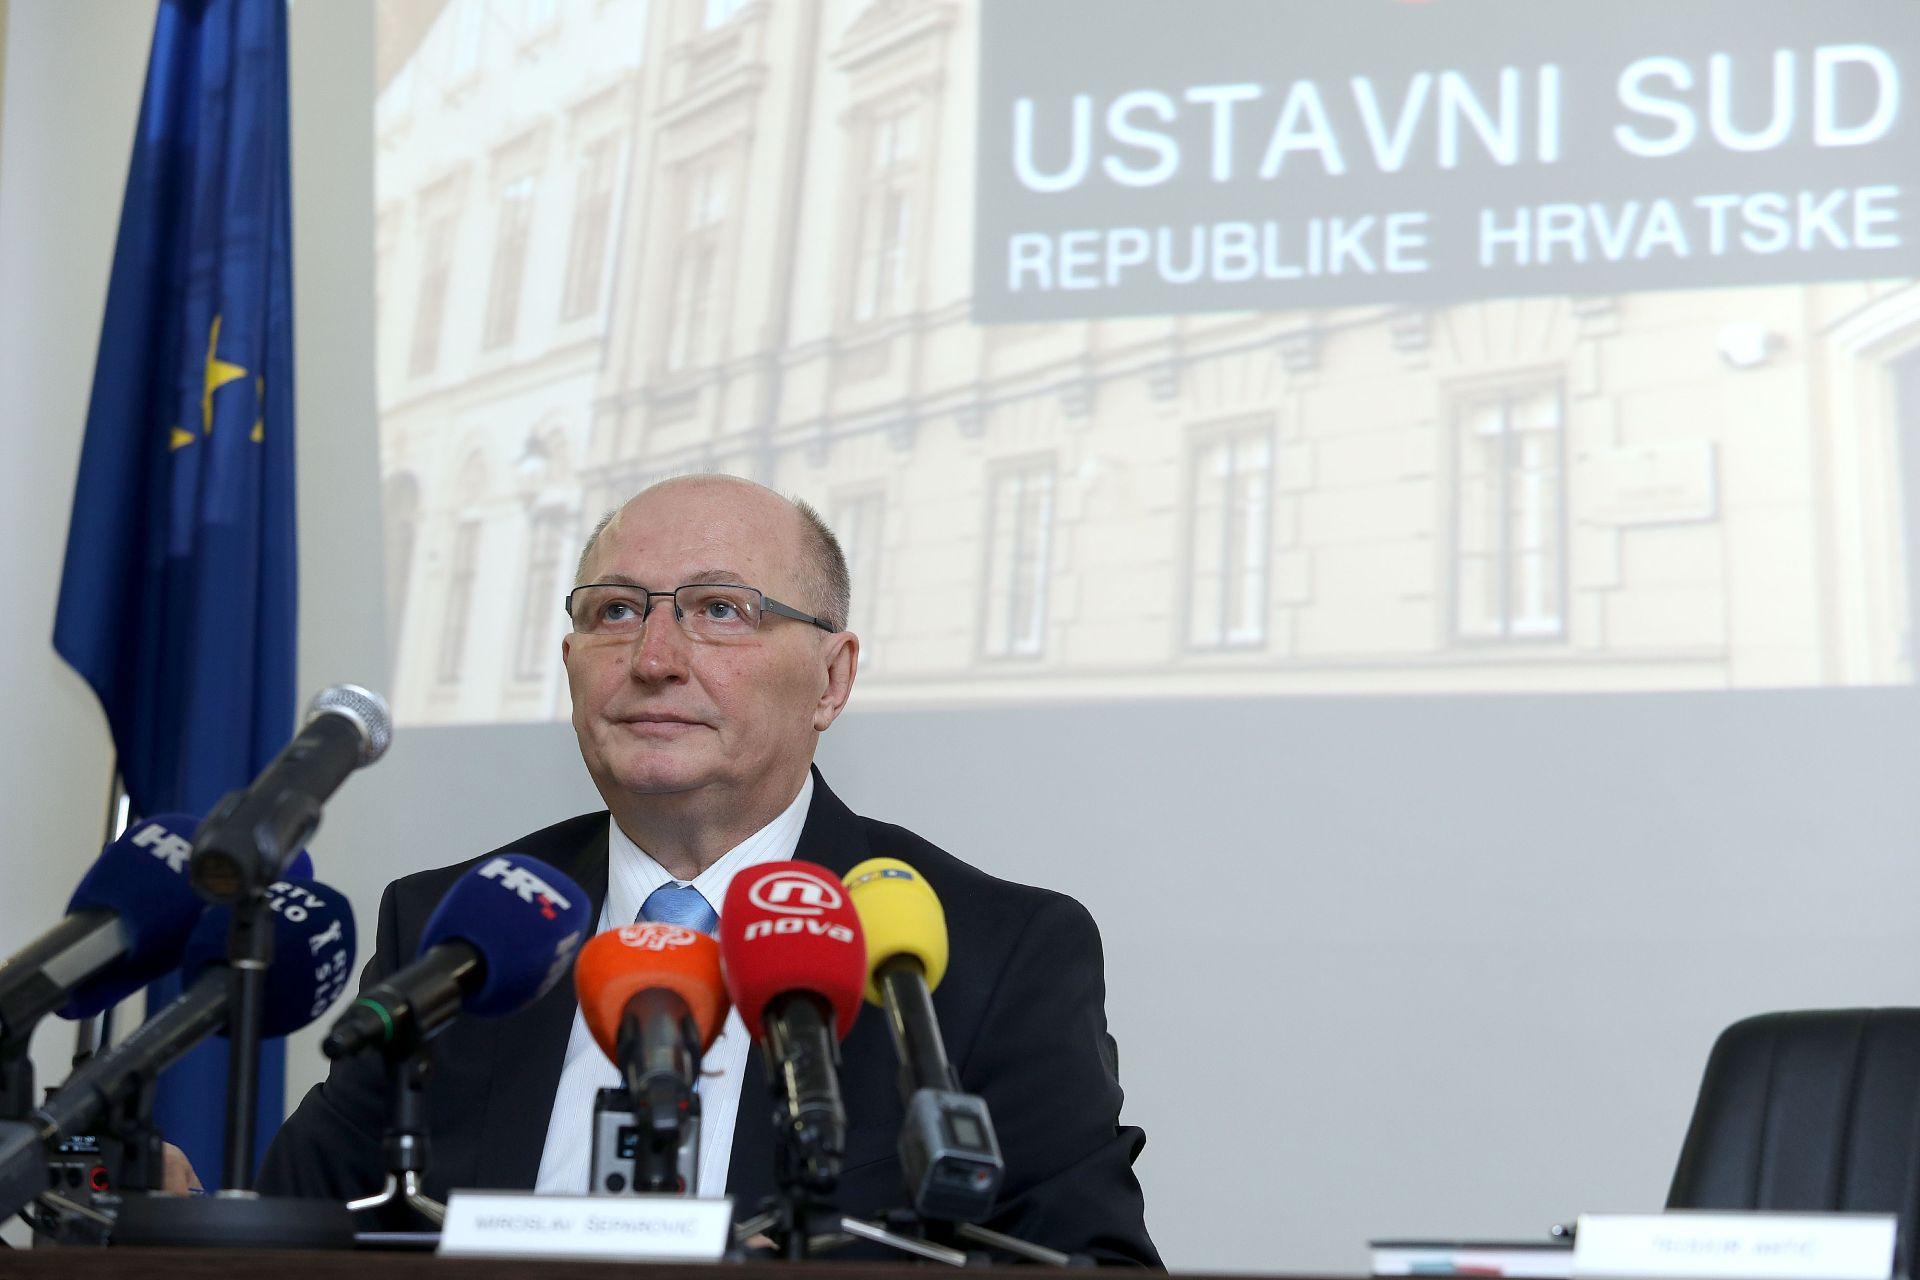 Ženska mreža Hrvatske pozdravila Odluku Ustavnog suda